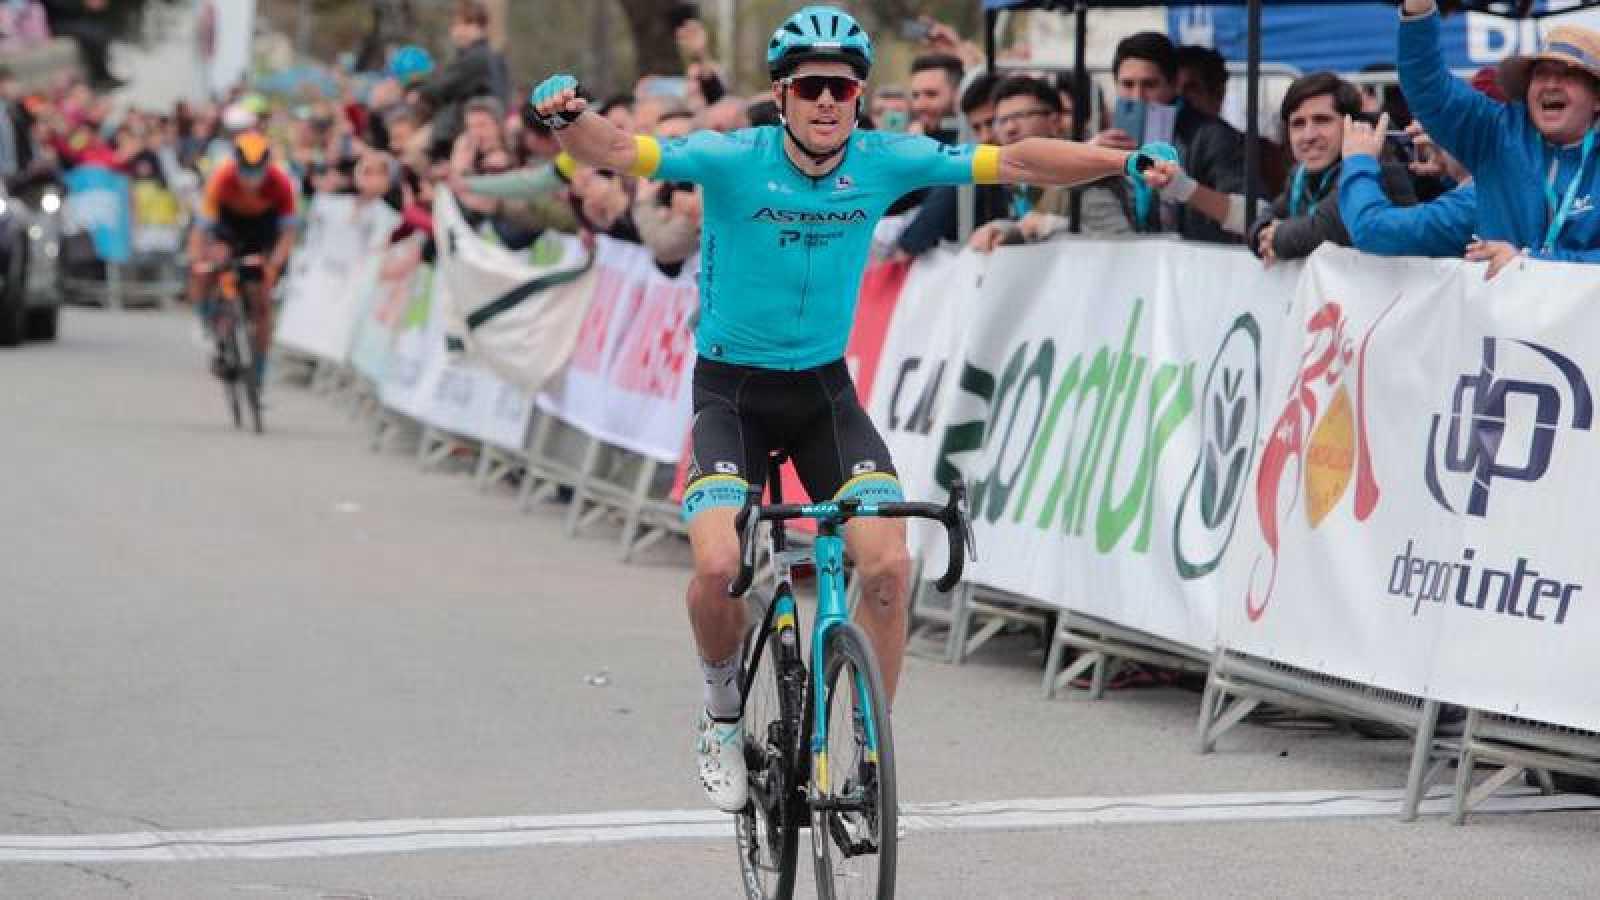 El ciclista danés Jakob Fuglsang, celebra la victoria en la primera etapa de la Vuelta a Andalucía.